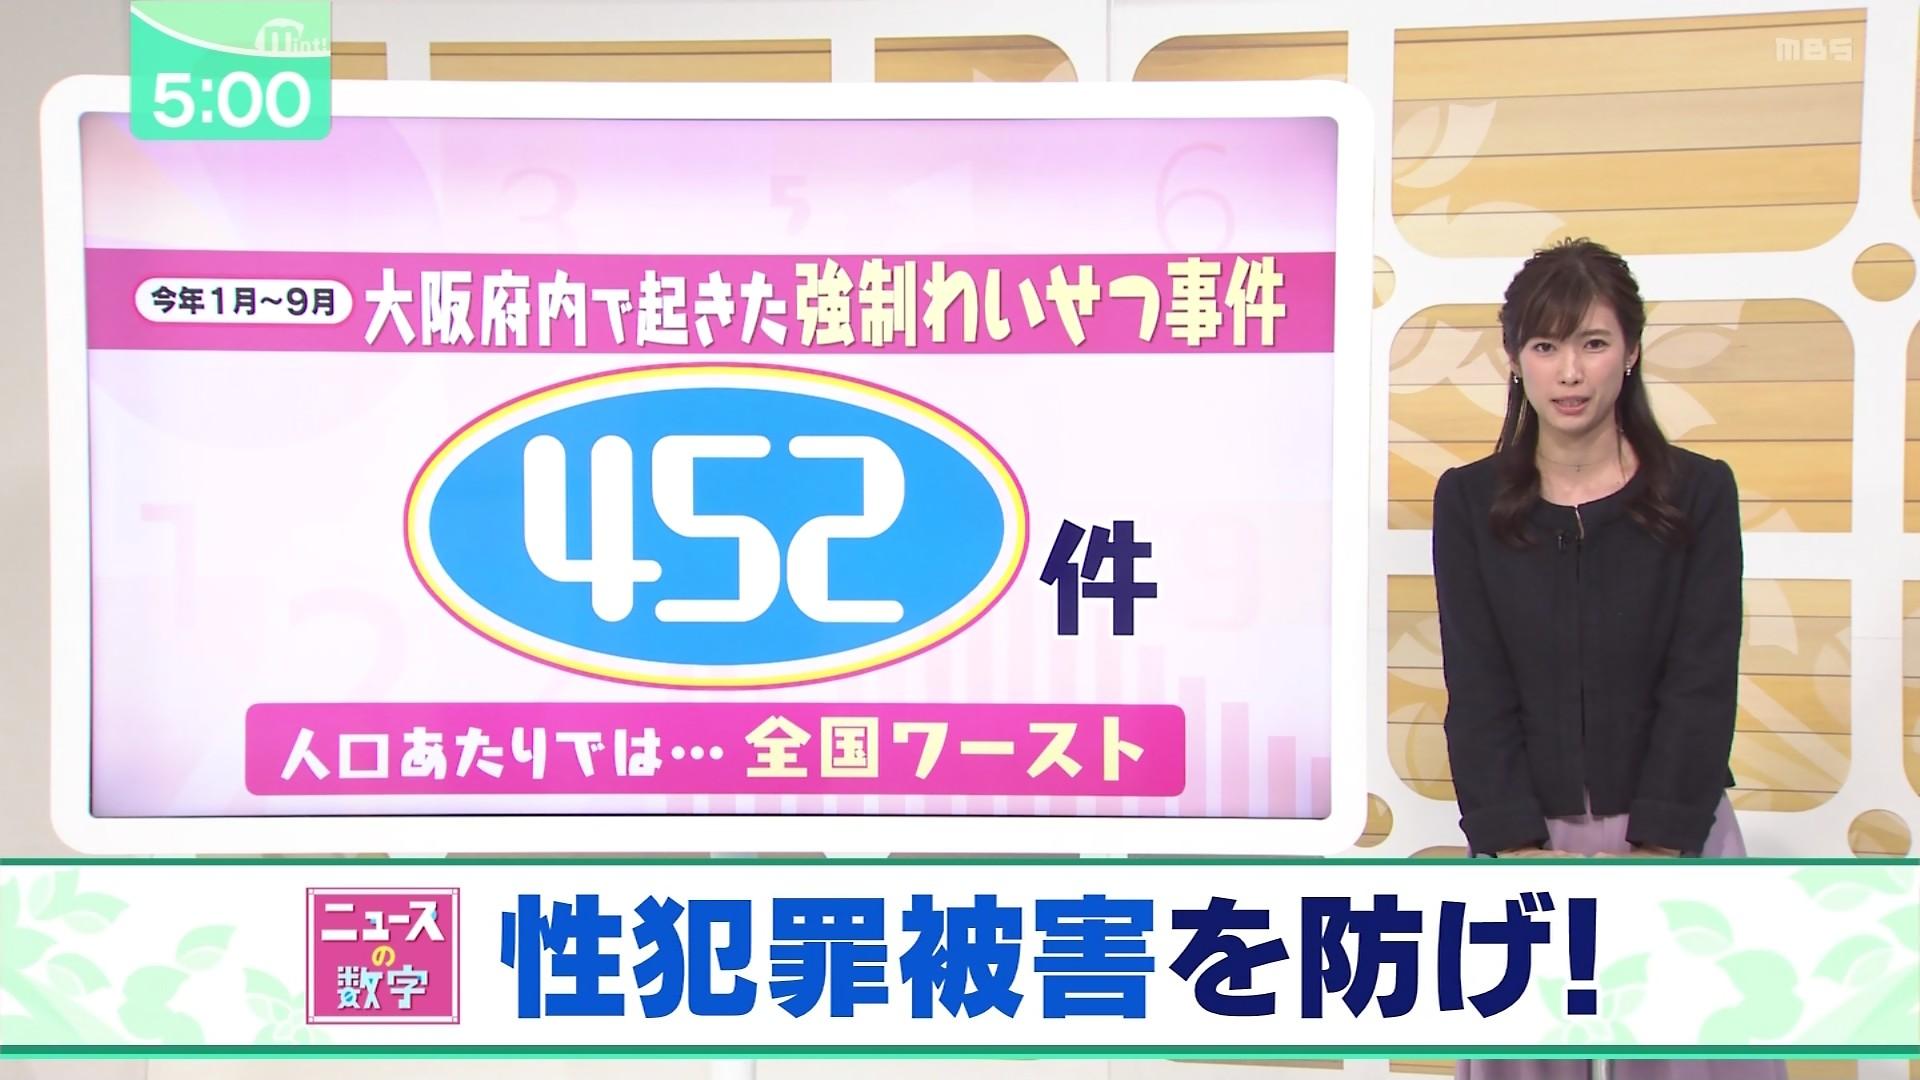 2019年11月8日に放送された「ミント!」に出演した玉巻映美さんのテレビキャプチャー画像-007